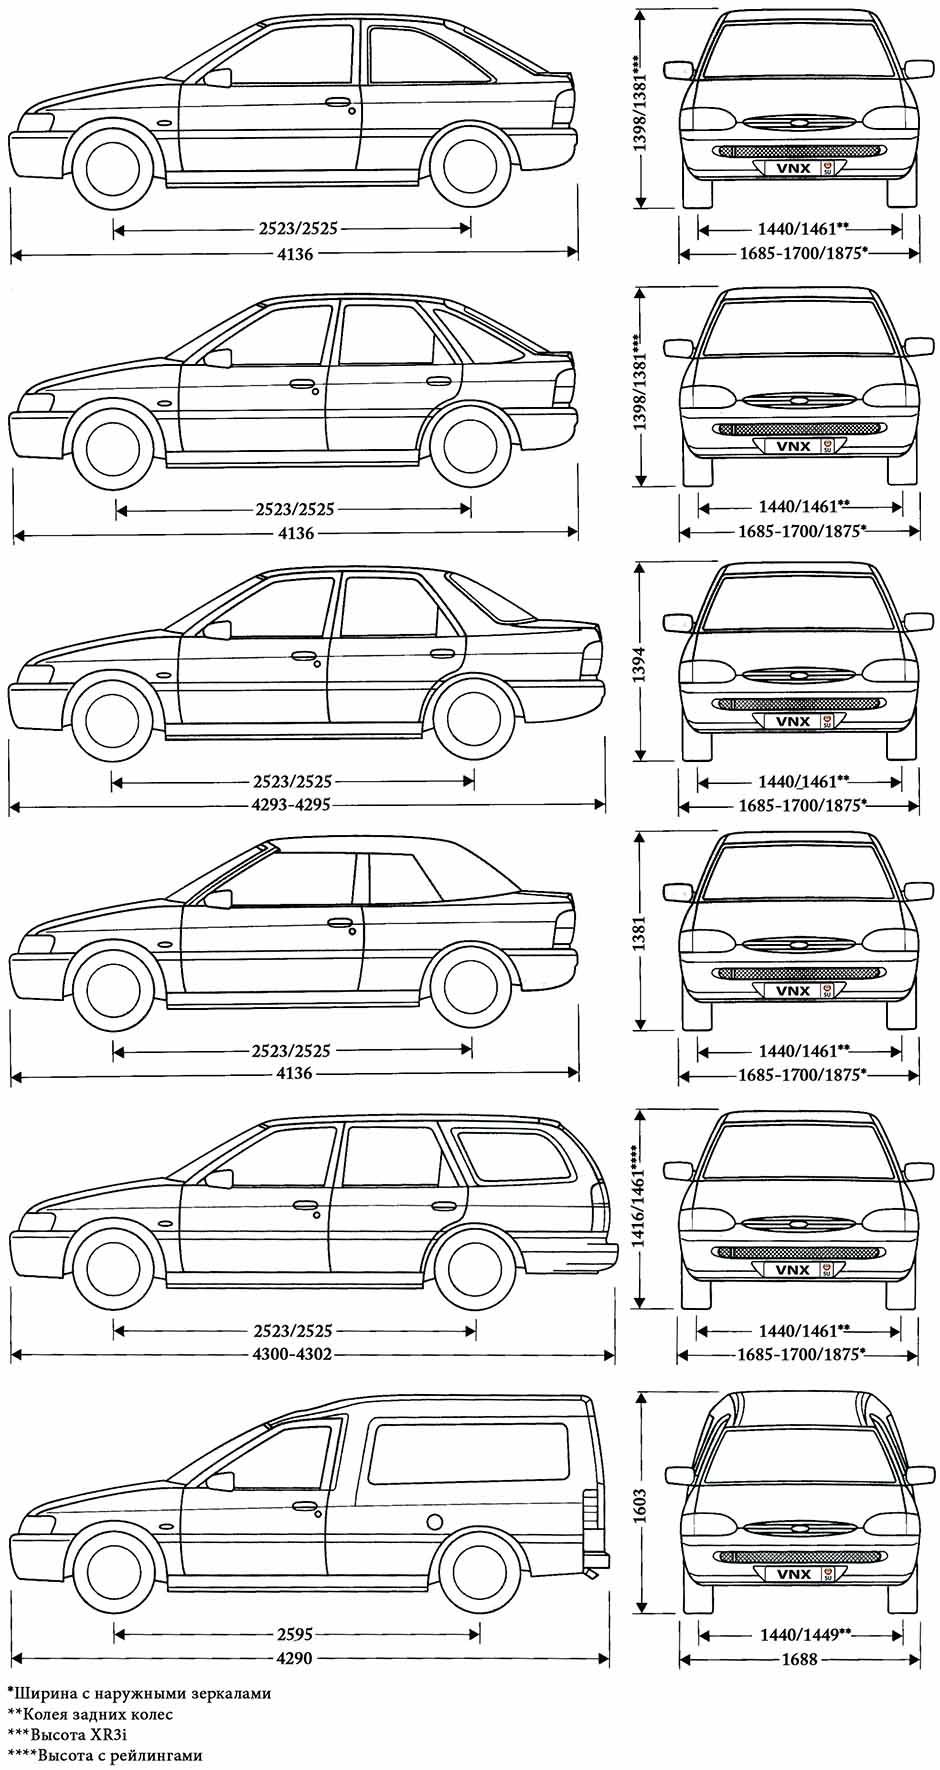 Ford Escort/Orion 1990-1999 цветные электрические схемы